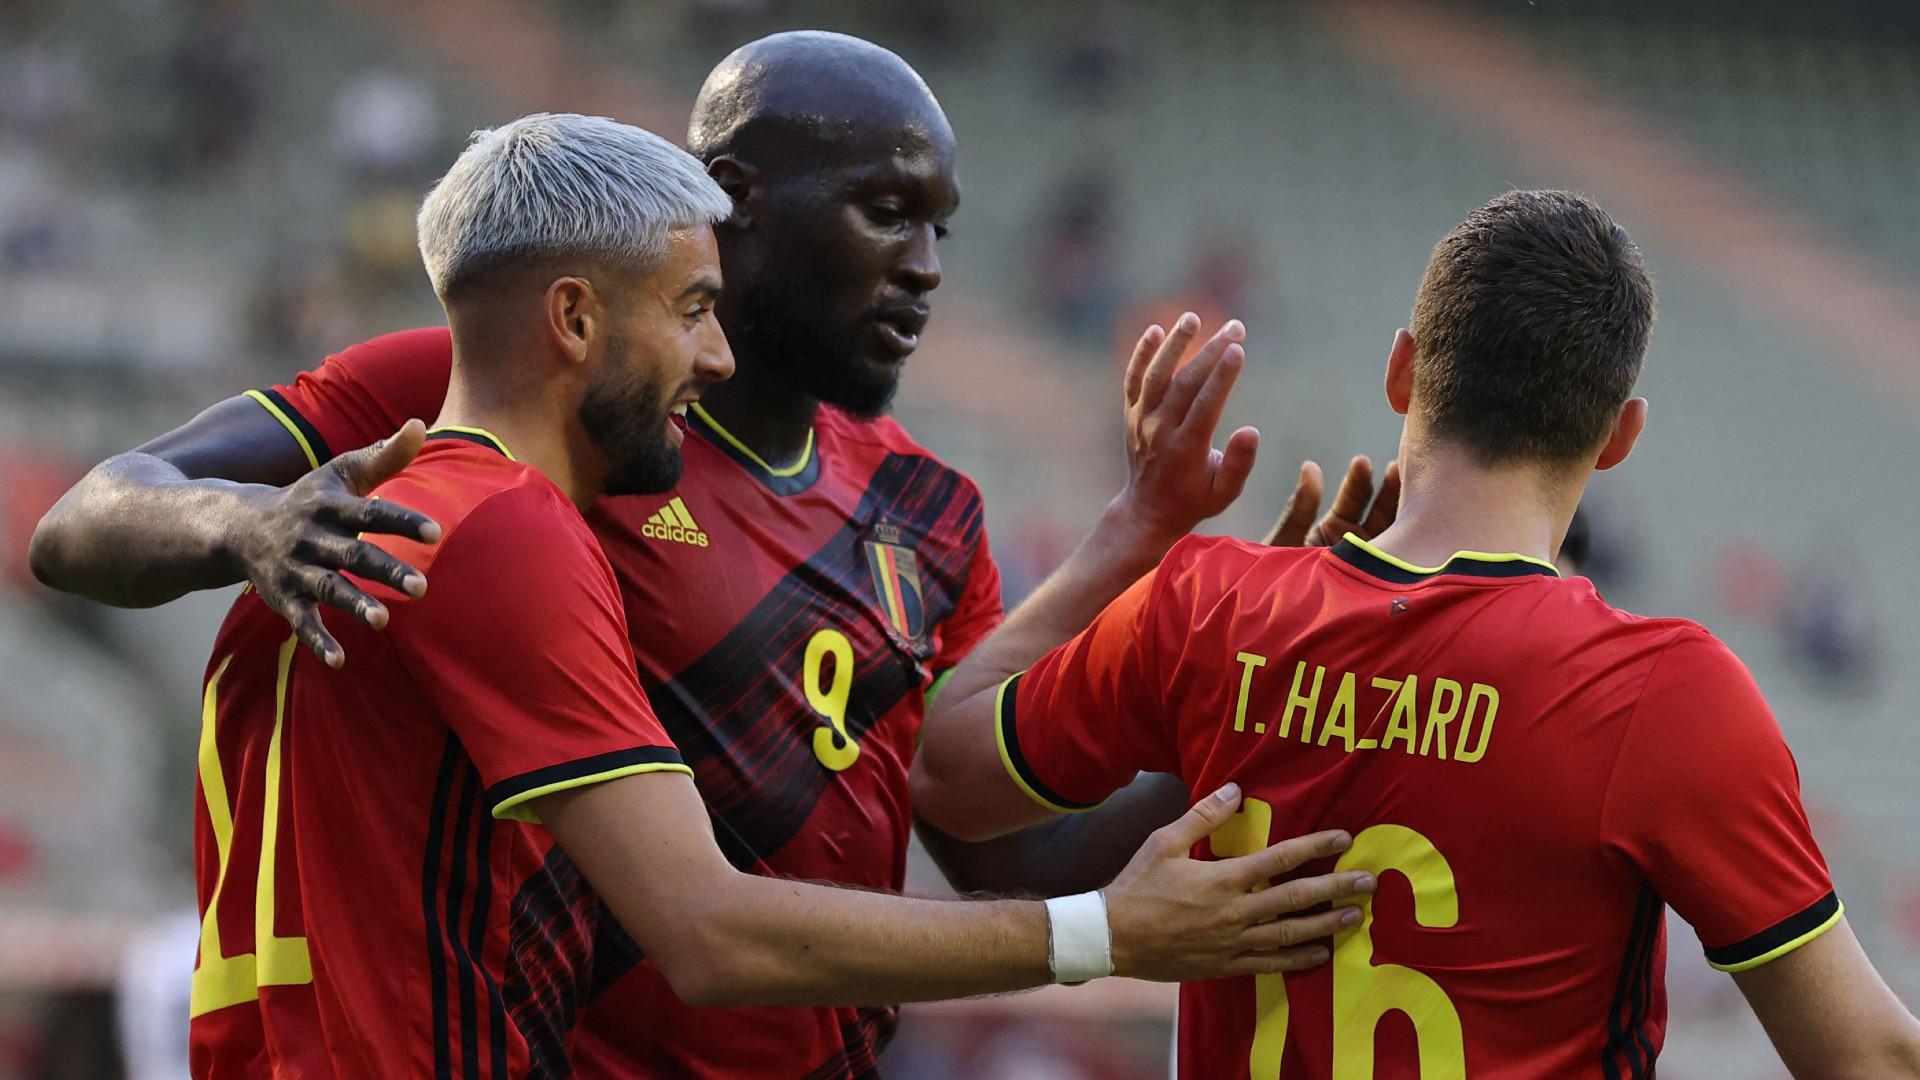 بلجيكا ضد روسيا  ..  أبرز مباريات اليوم في الملاعب العالمية والعربية والقنوات الناقلة للمباراة